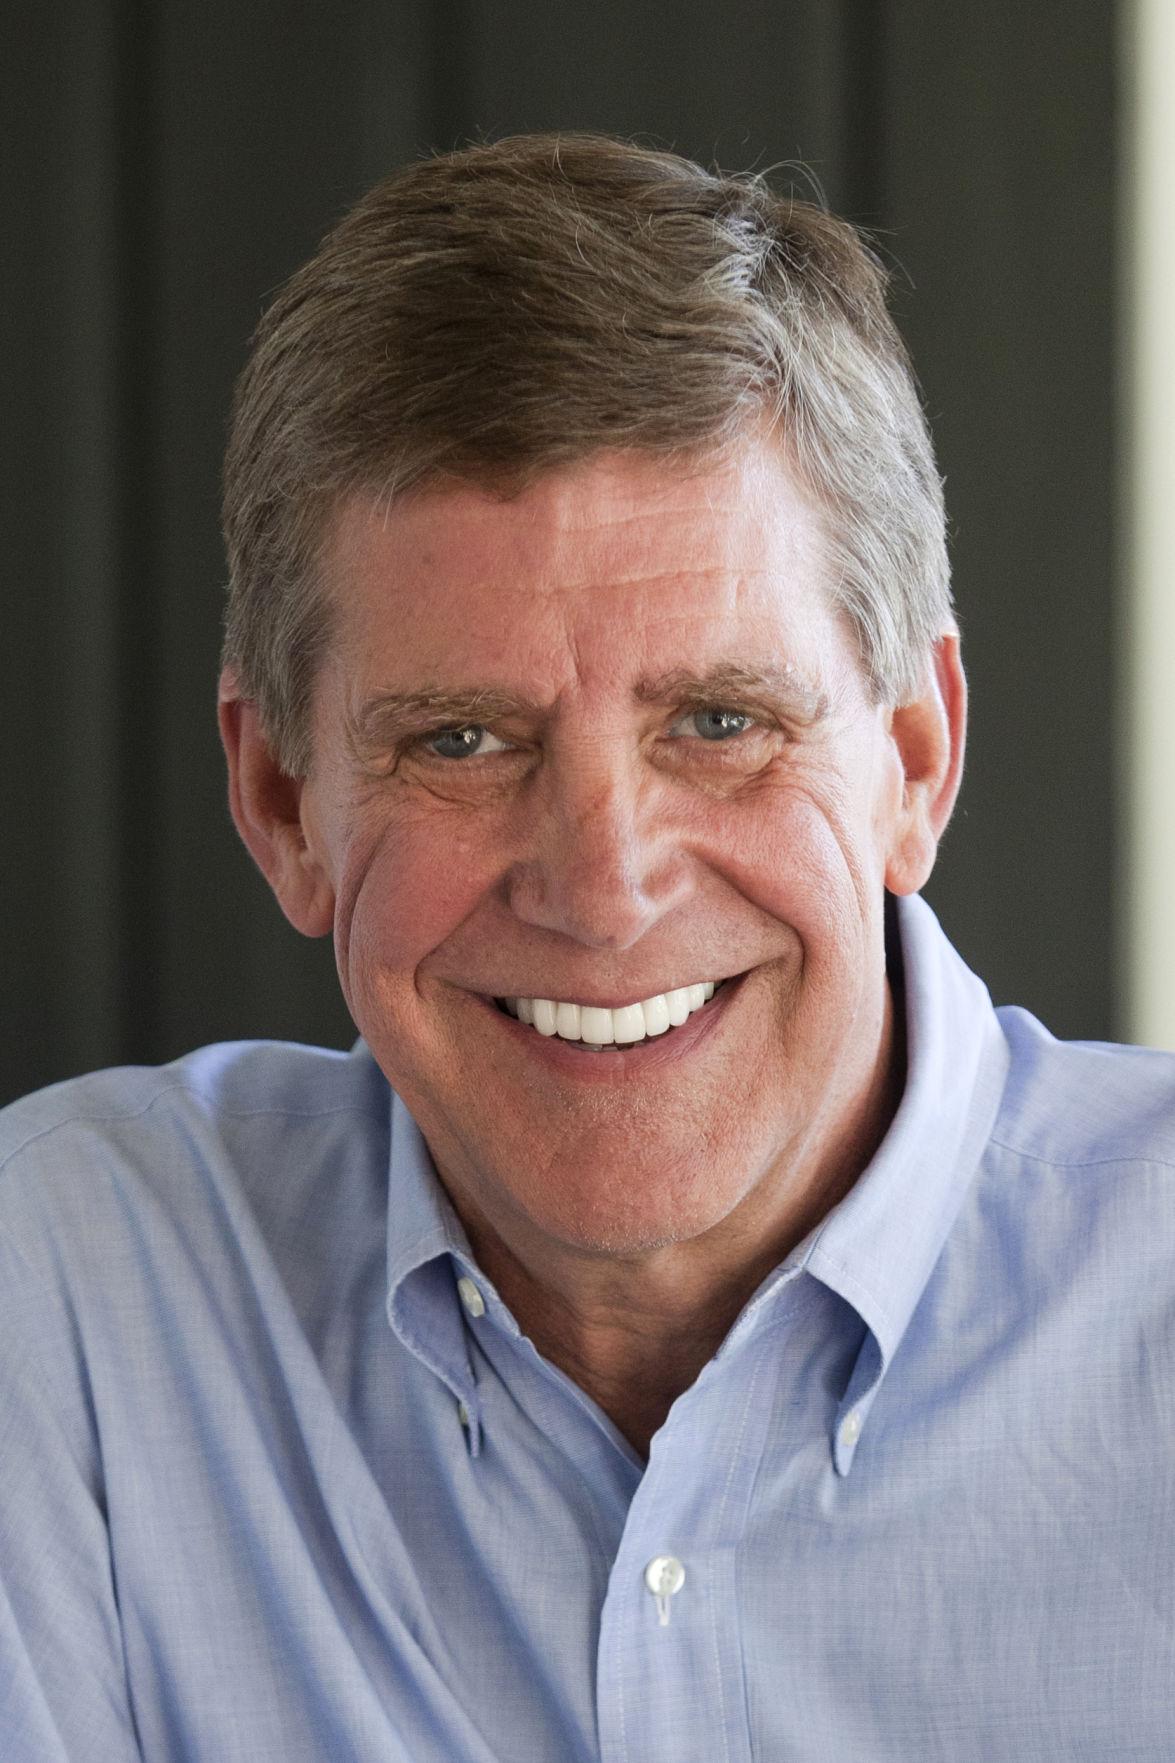 Richard Beene